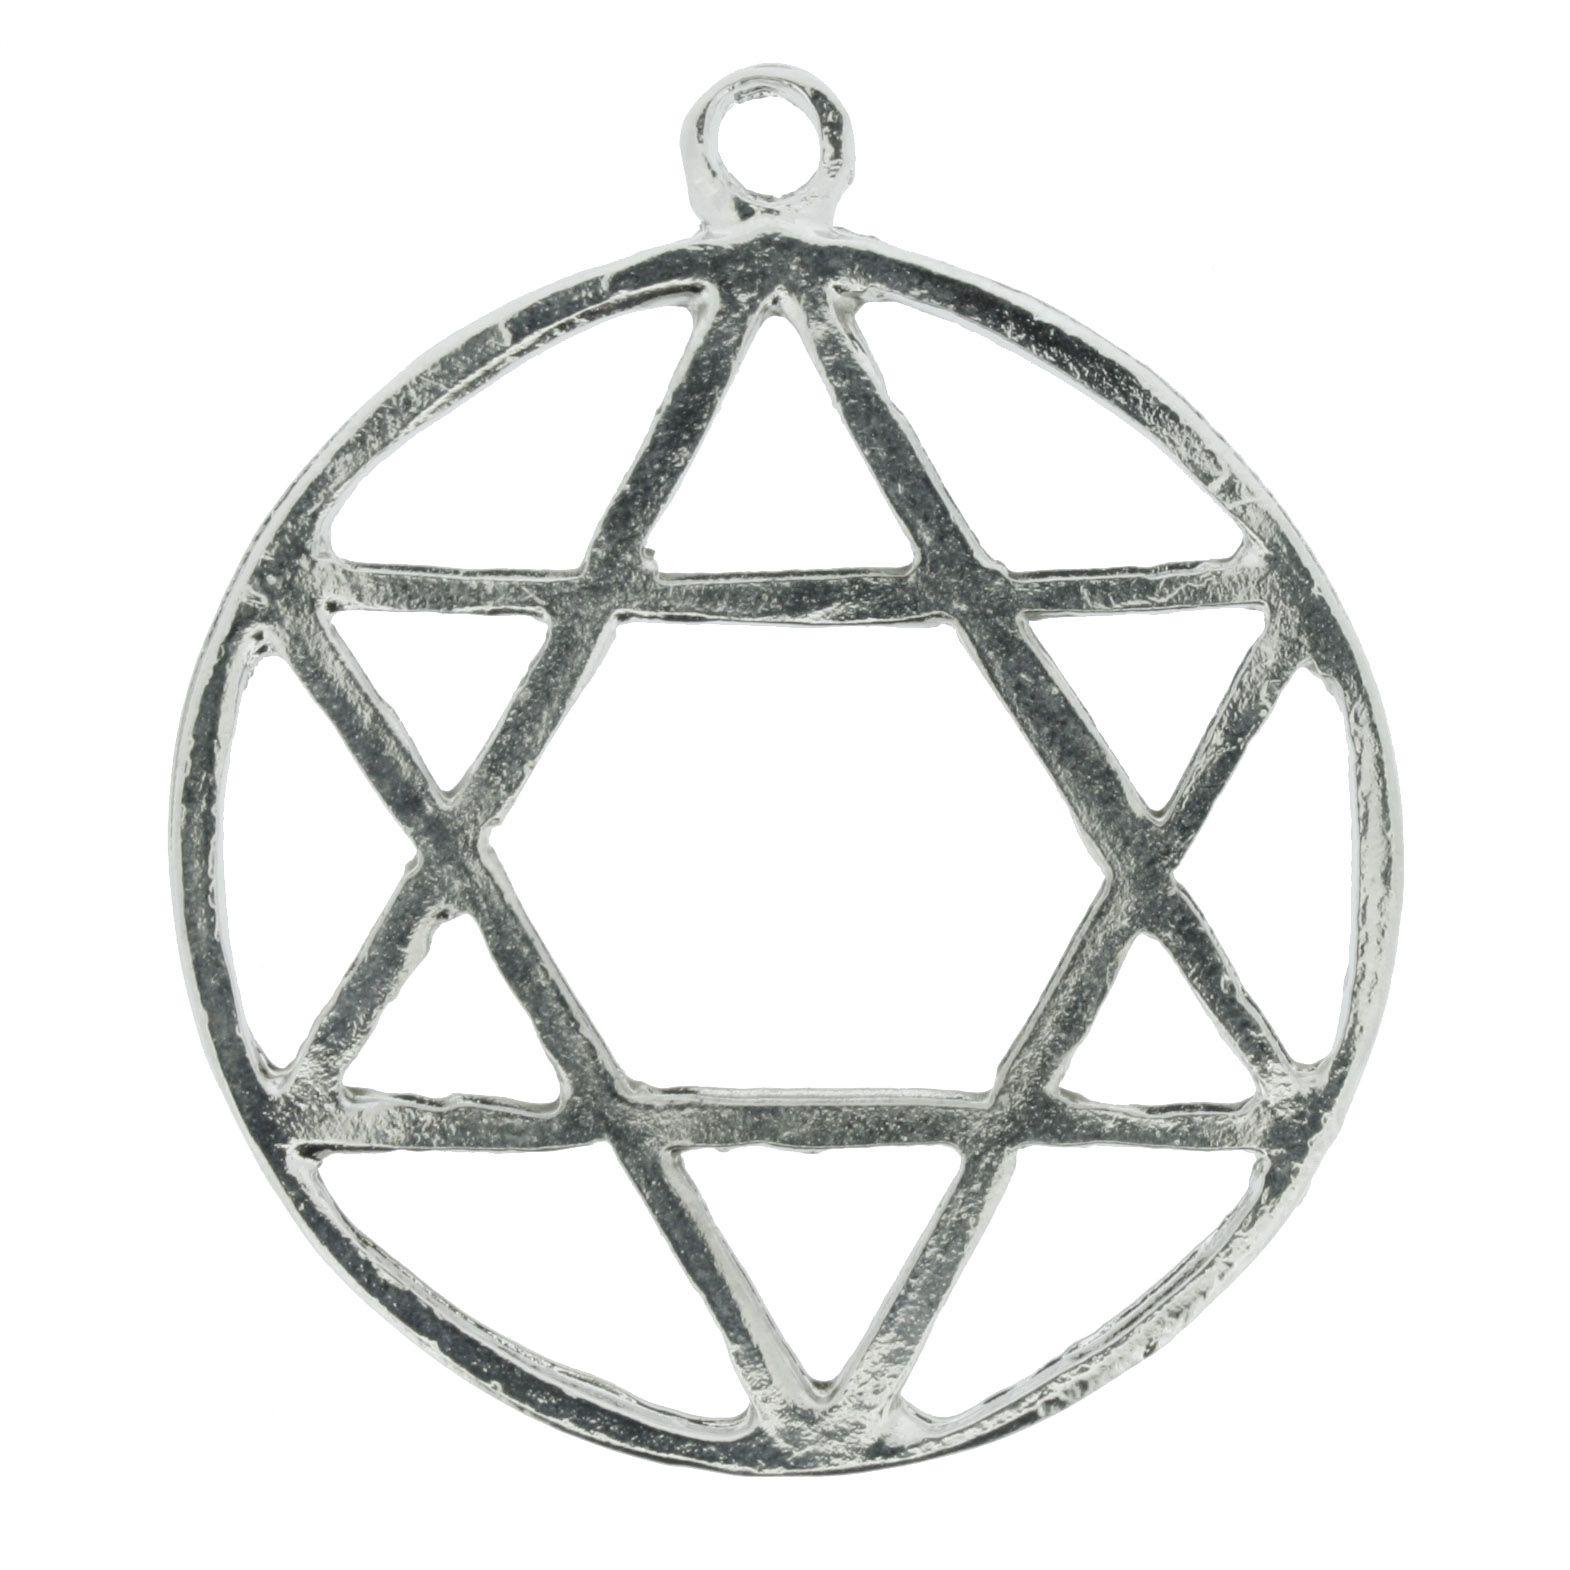 Estrela 6 Pontas - Níquel - 55mm  - Universo Religioso® - Artigos de Umbanda e Candomblé